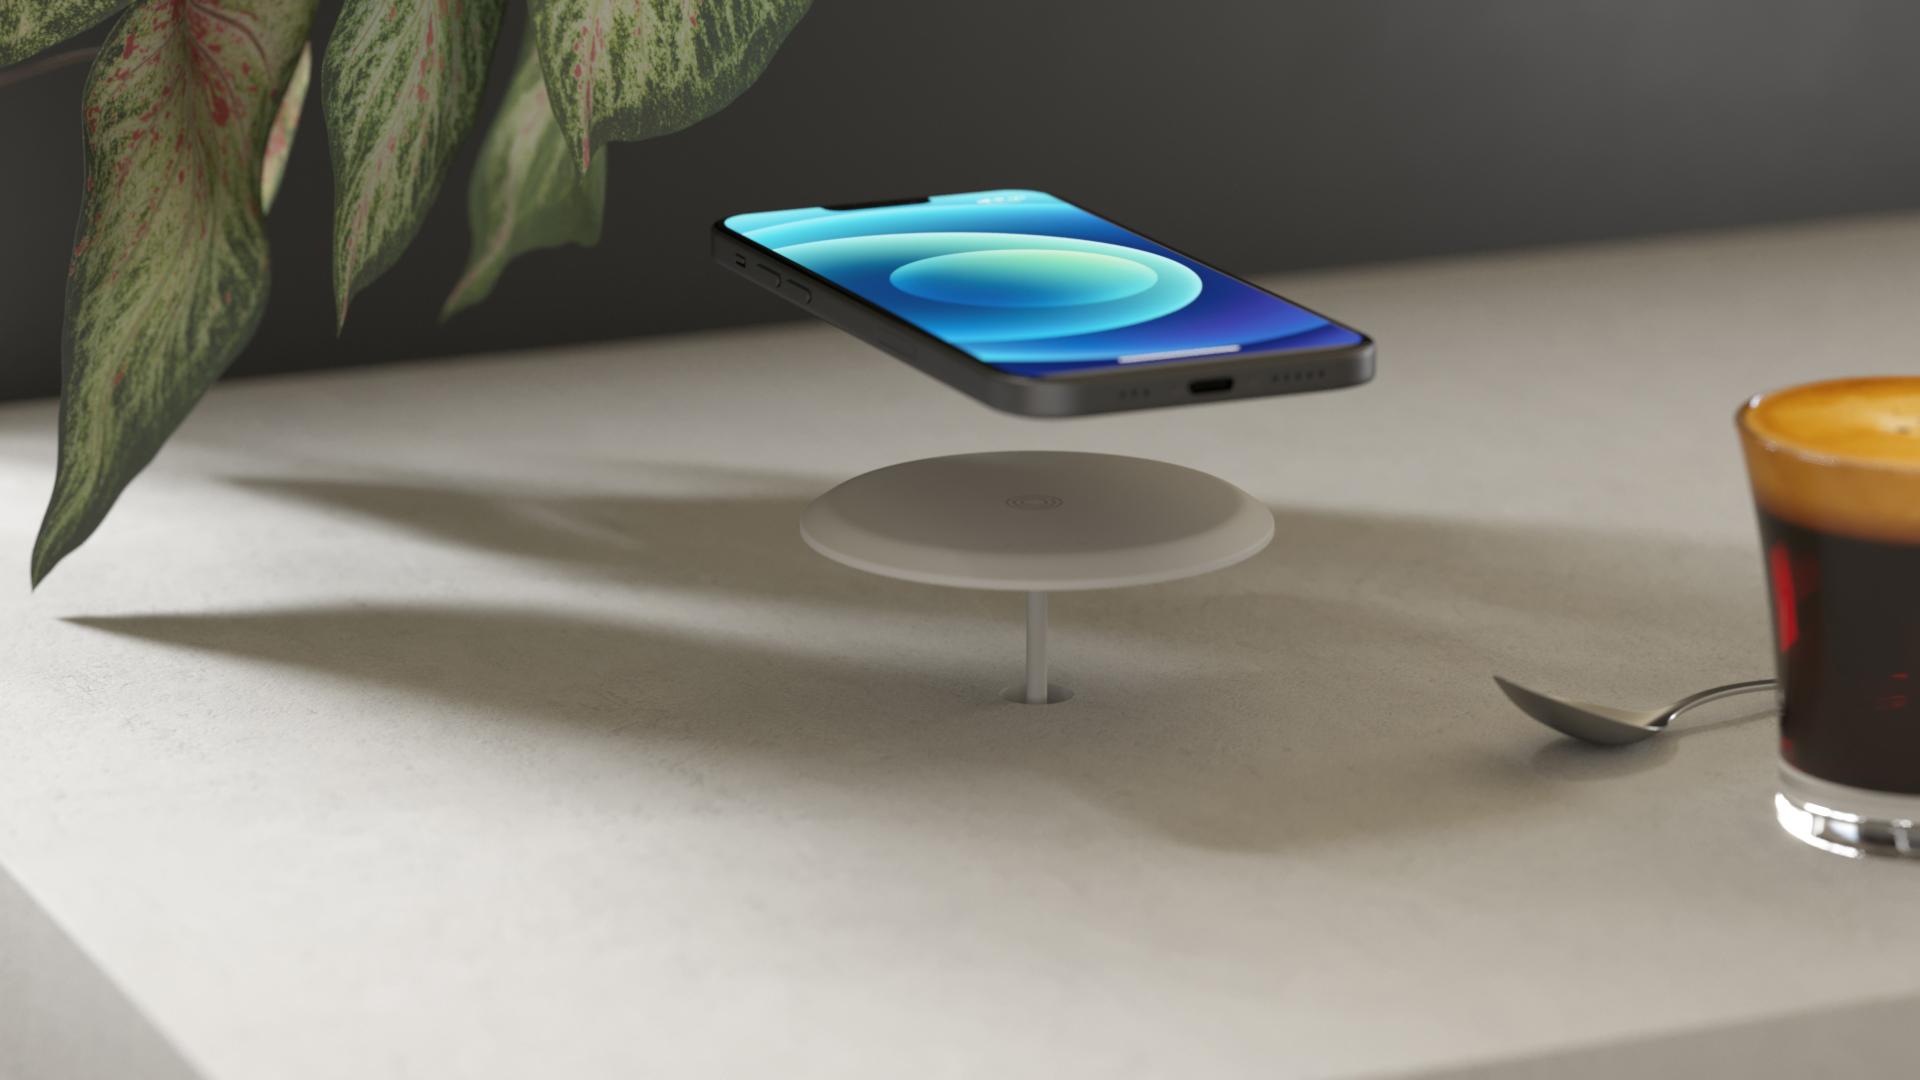 ZEBI03W - ZEBI04W Lifestyle Built-In Wireless Charger